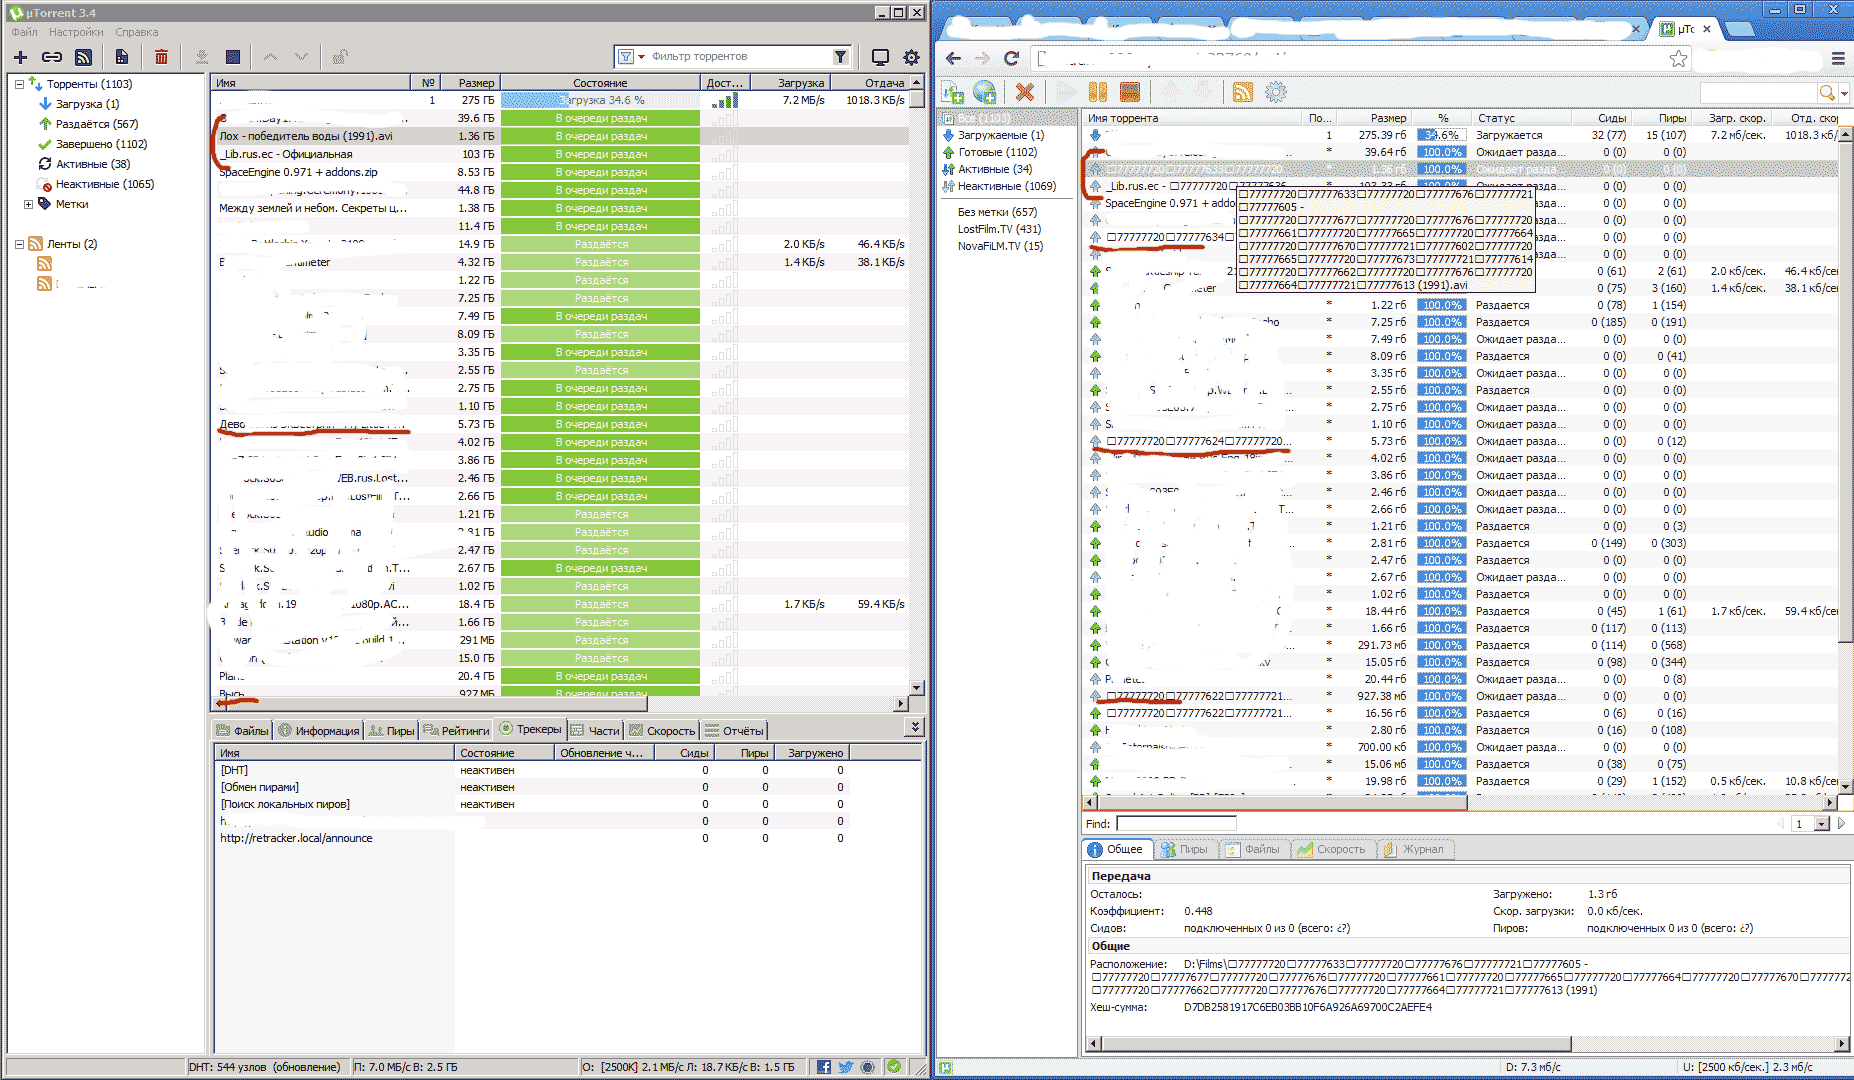 utorrent_3.4_webui_0.388_codeing_bug.png